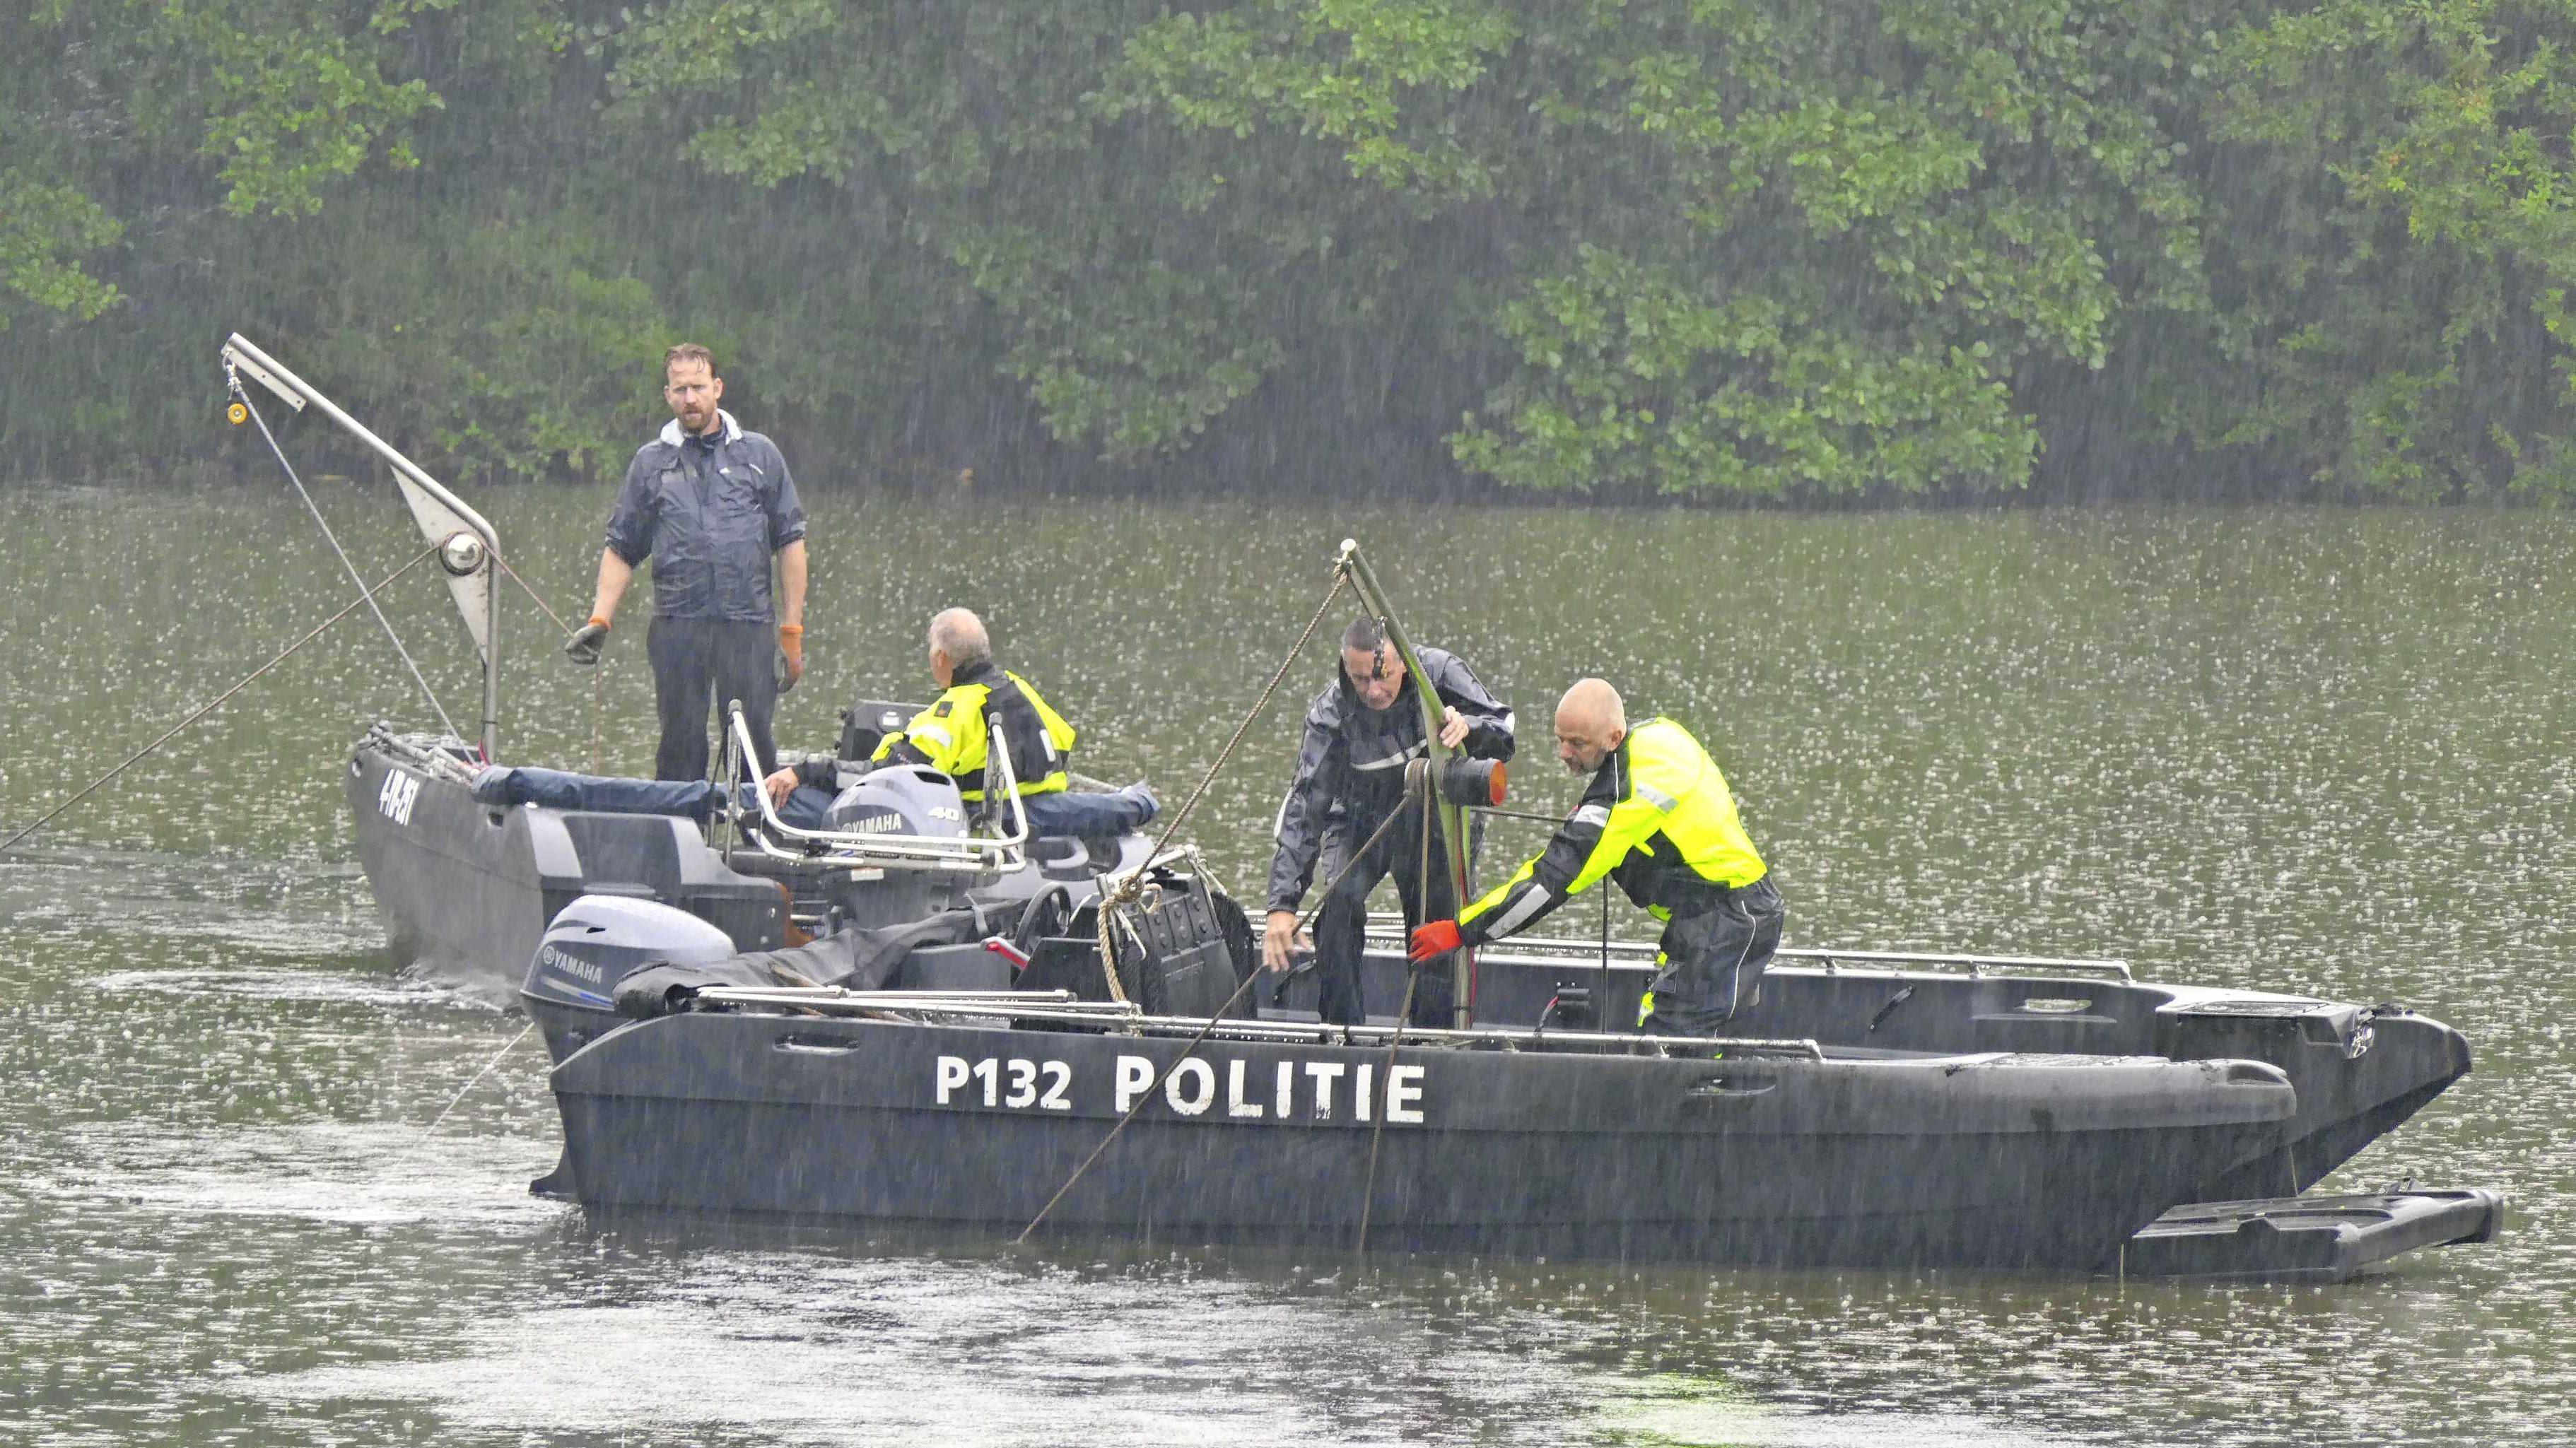 Gevonden lichaam Lauwersmeer is van 54-jarige vermiste zeiler